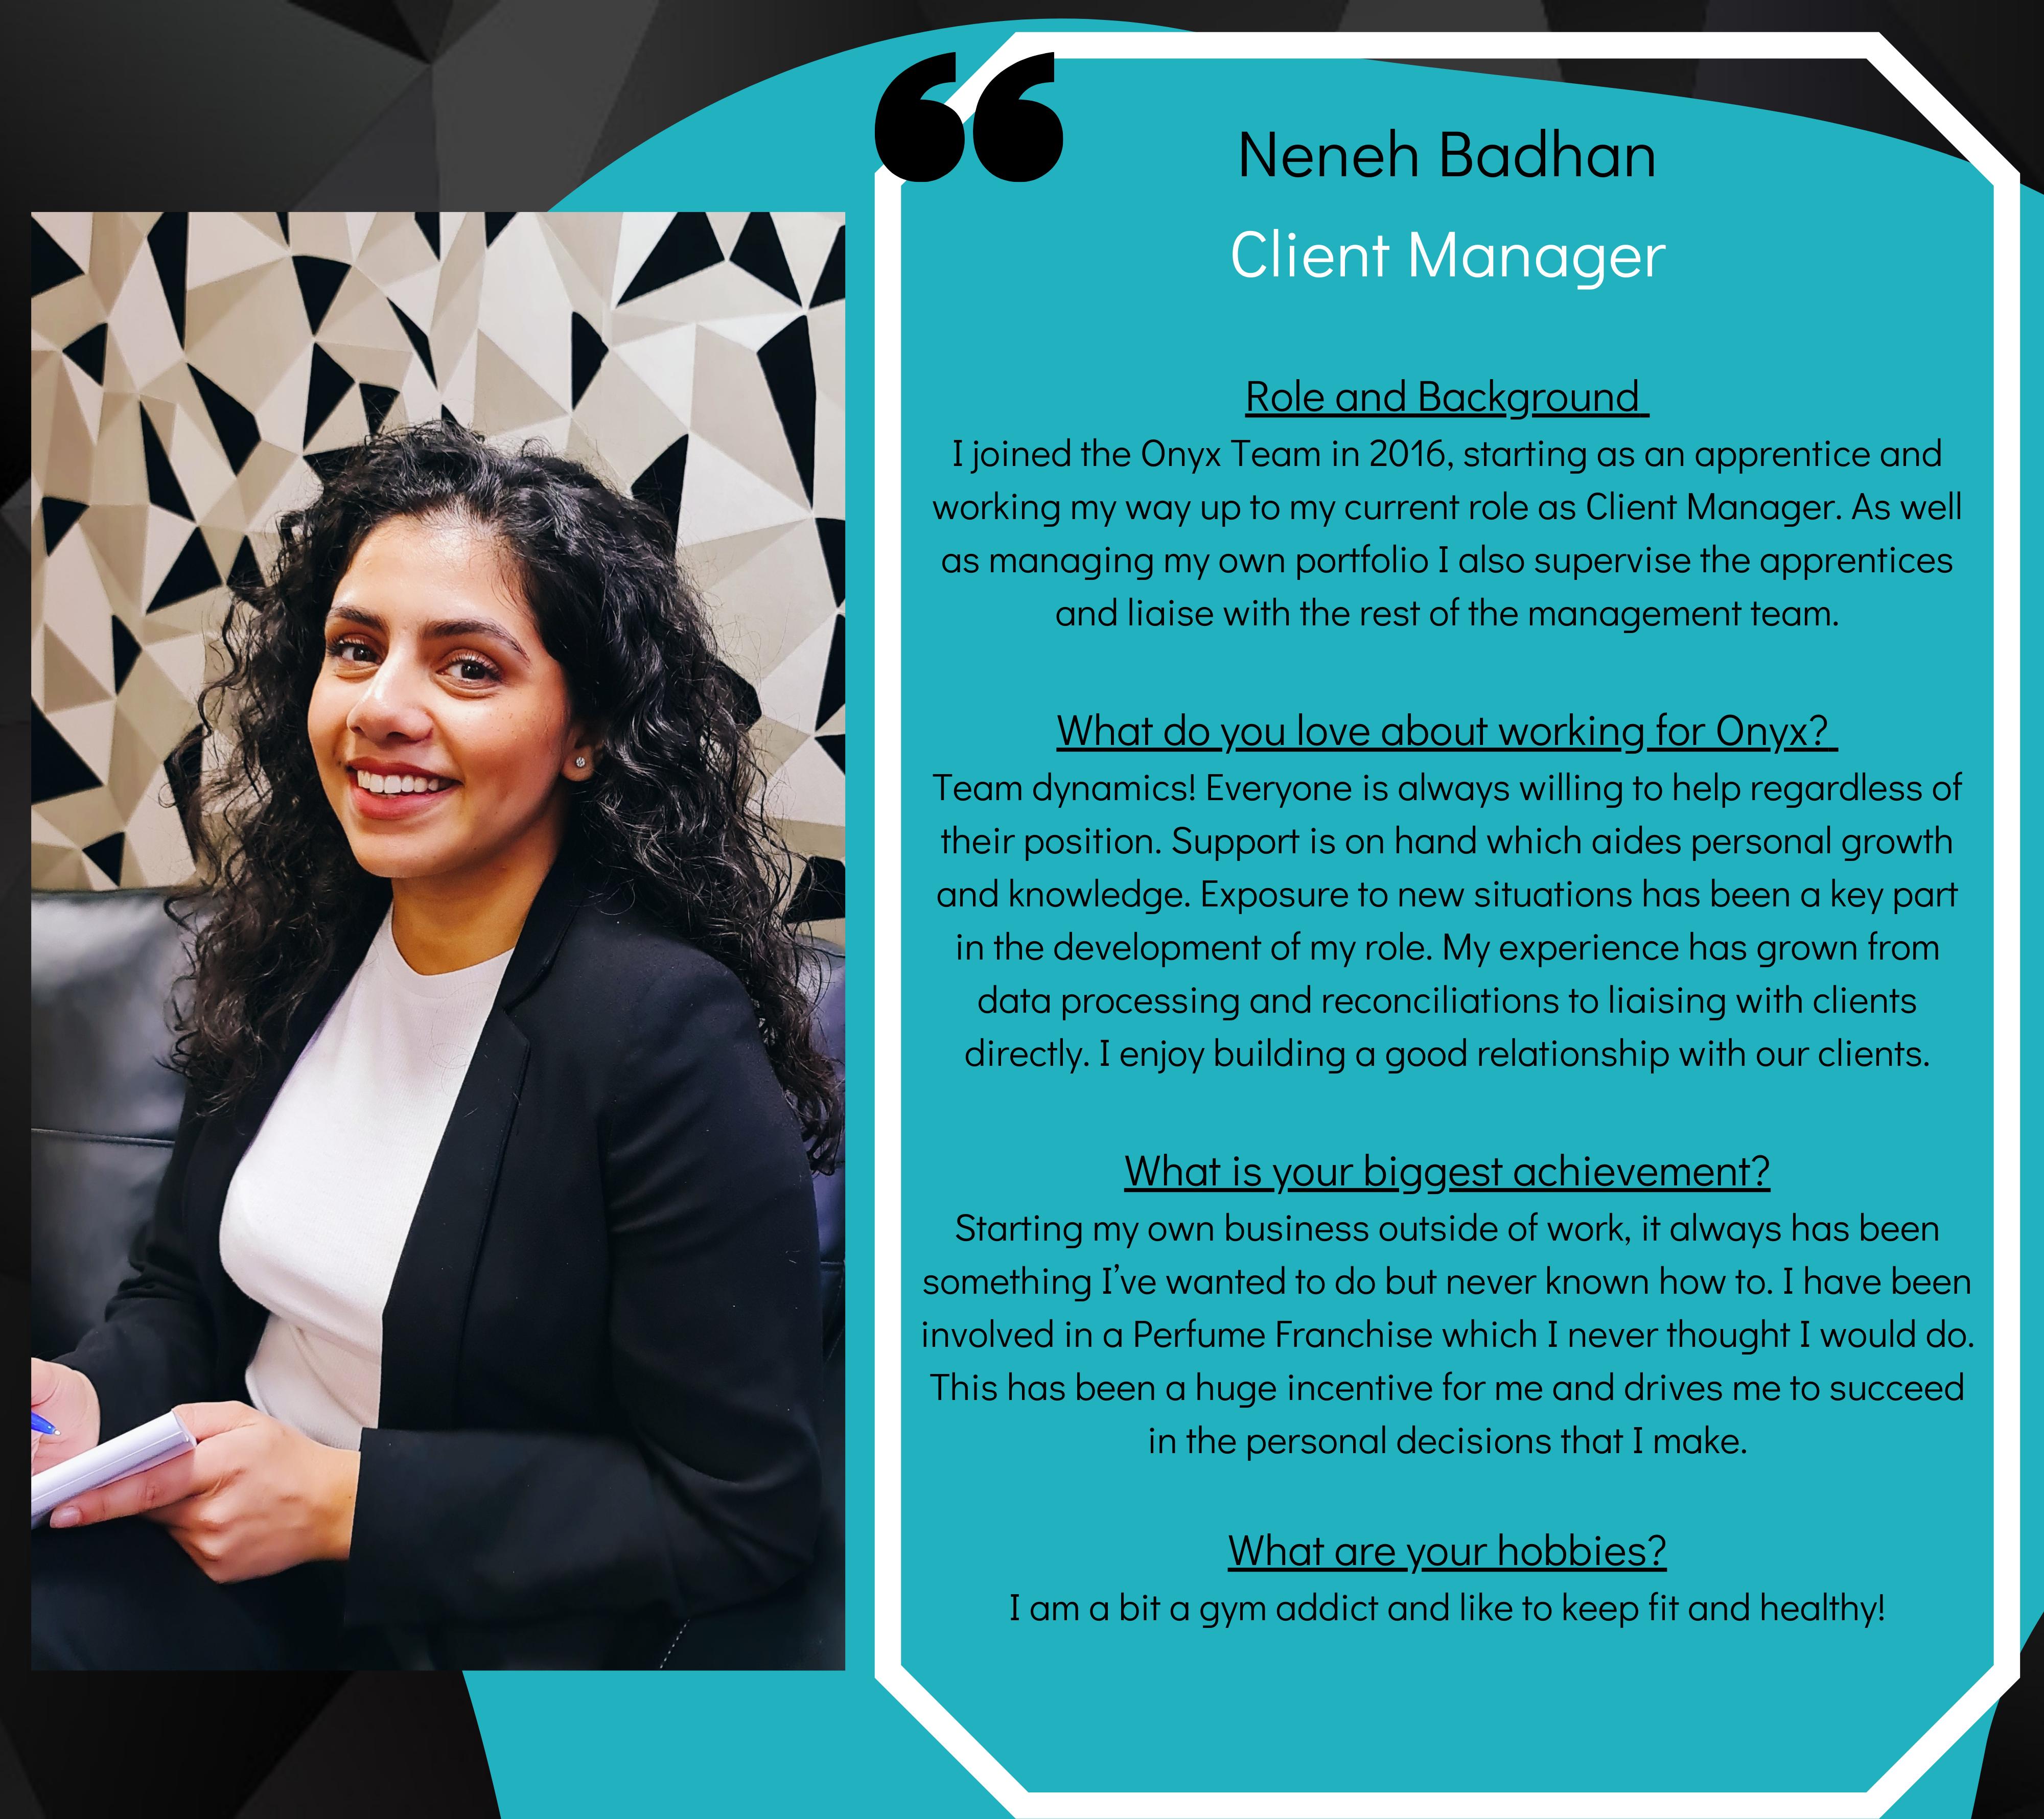 Neneh Badhan